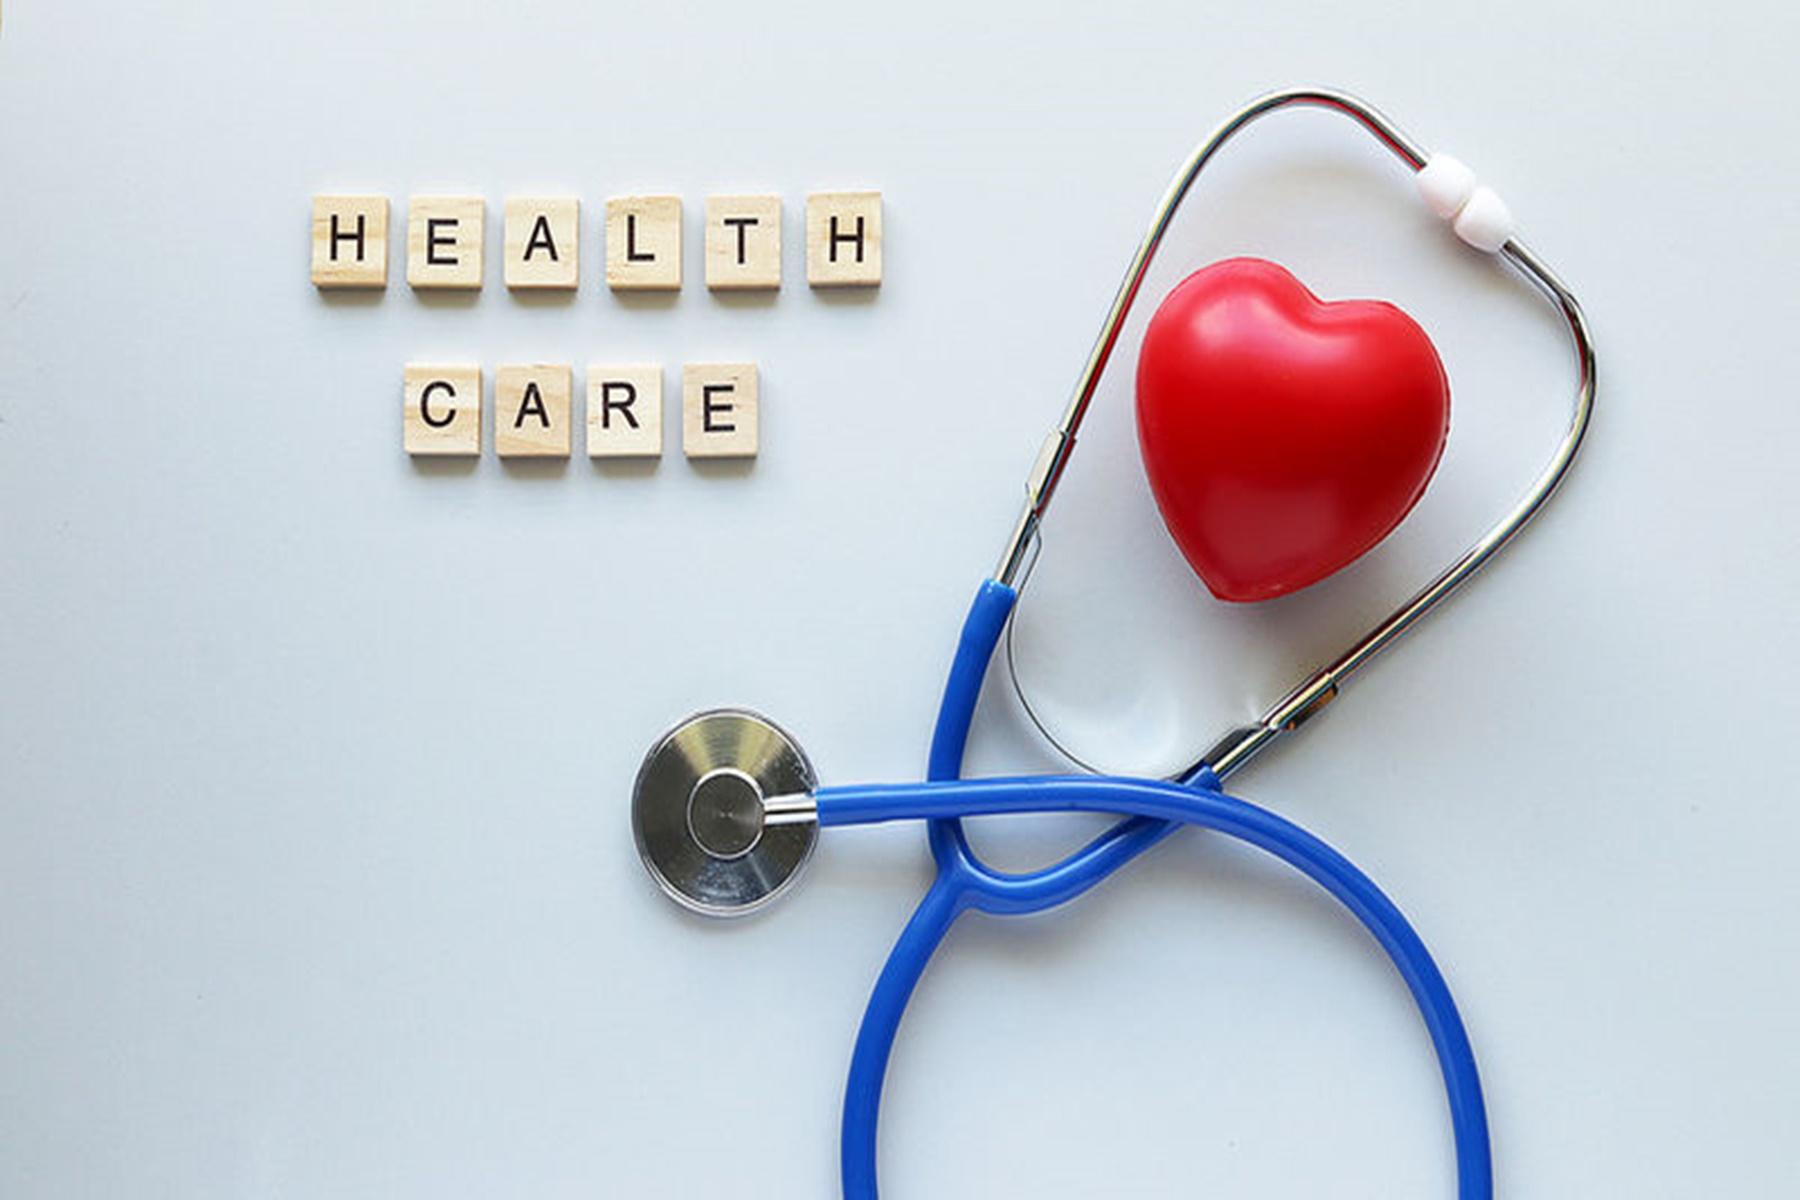 ΗΠΑ : Δαπάνη 7,4 Δισεκατομμυρίων για πρόσληψη υγειονομικού προσωπικού